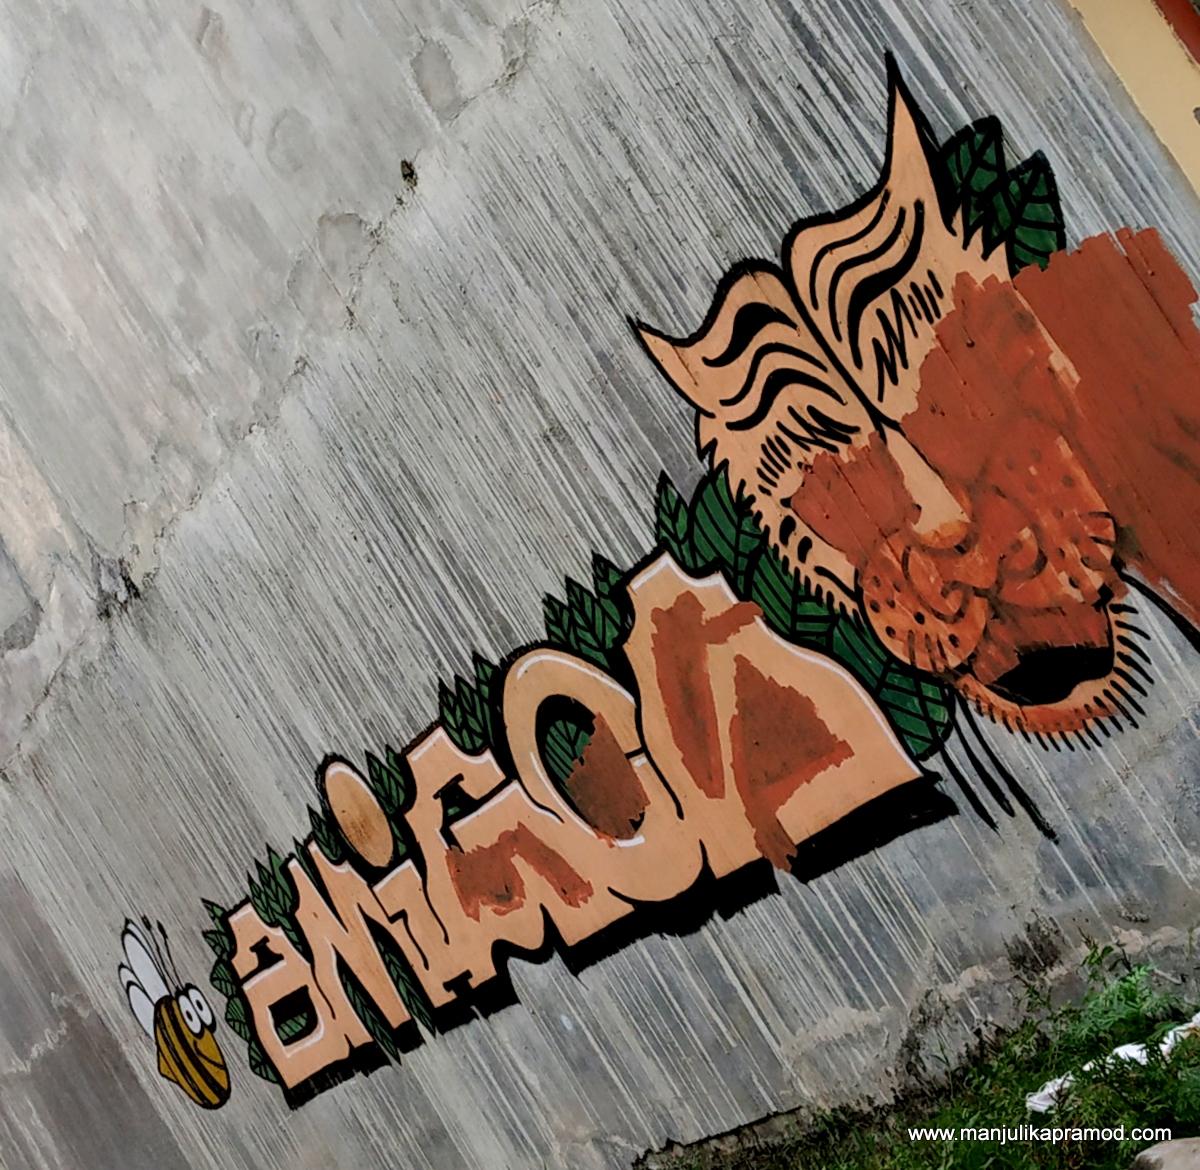 #Nepal #Nepalitinerary #travel #blog #streetartinNepal